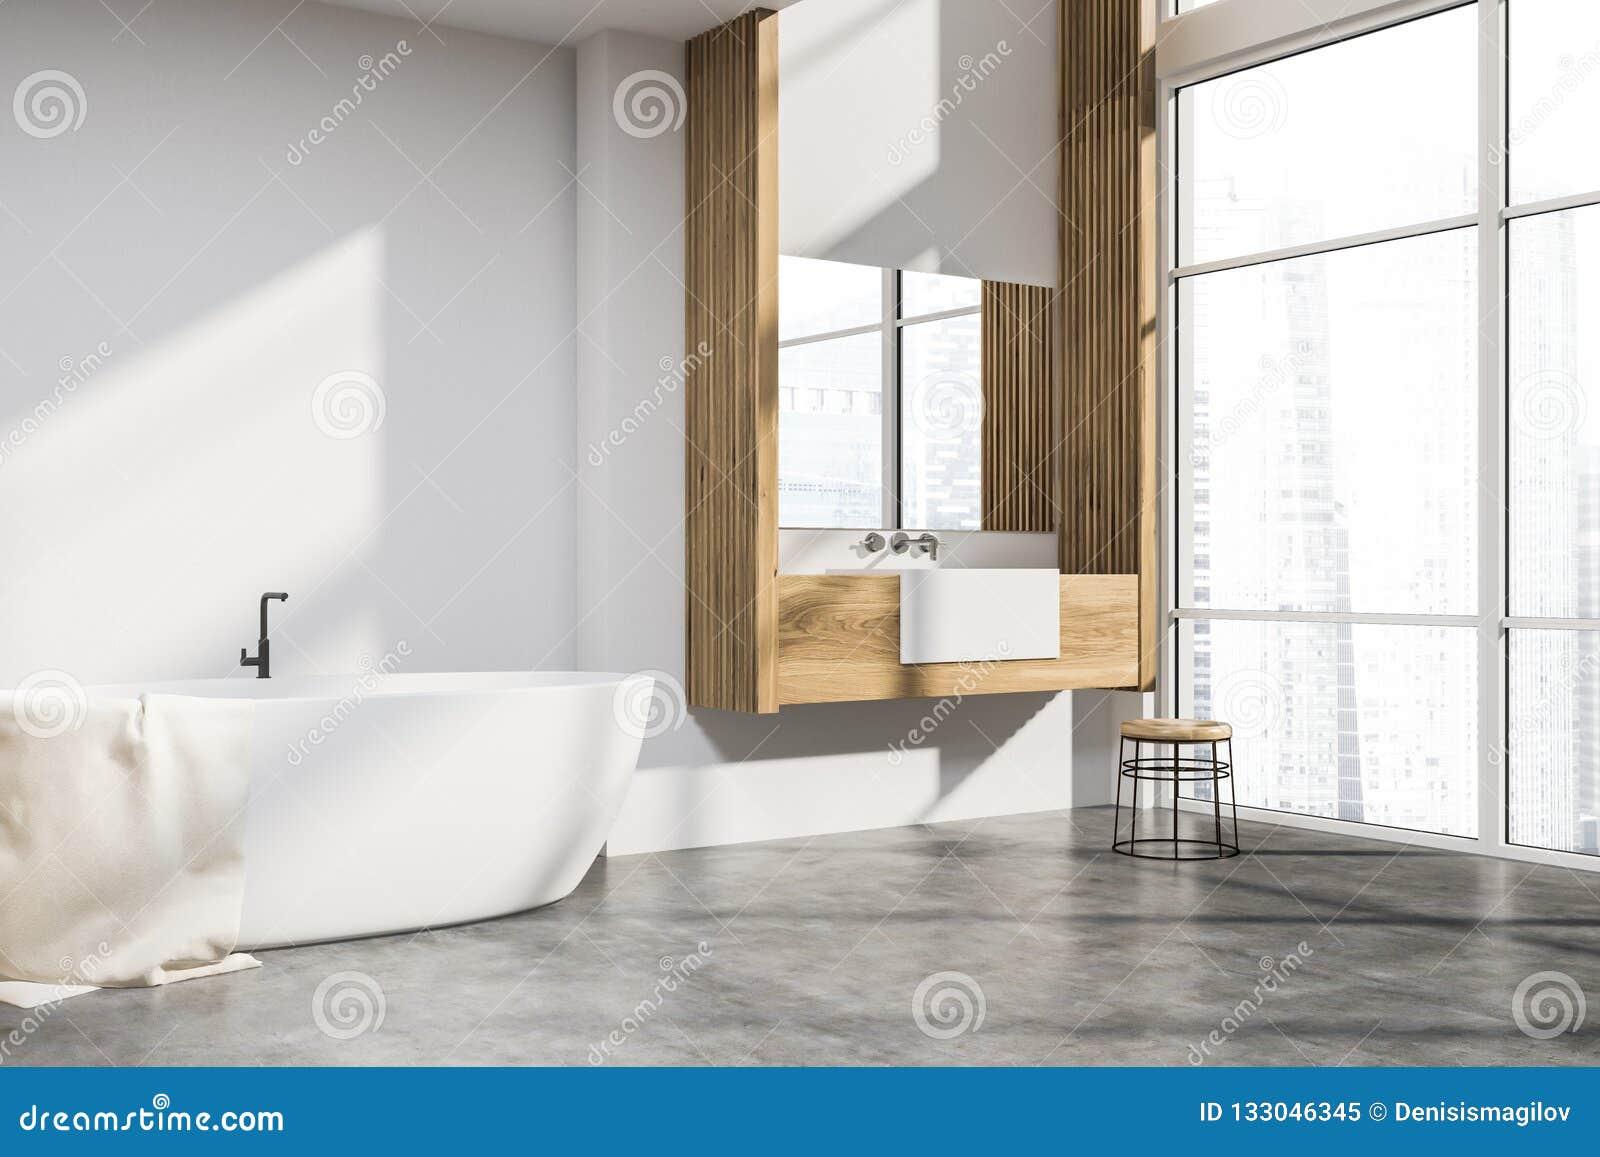 Bagno Legno E Bianco : Bagno bianco e di legno del sottotetto illustrazione di stock